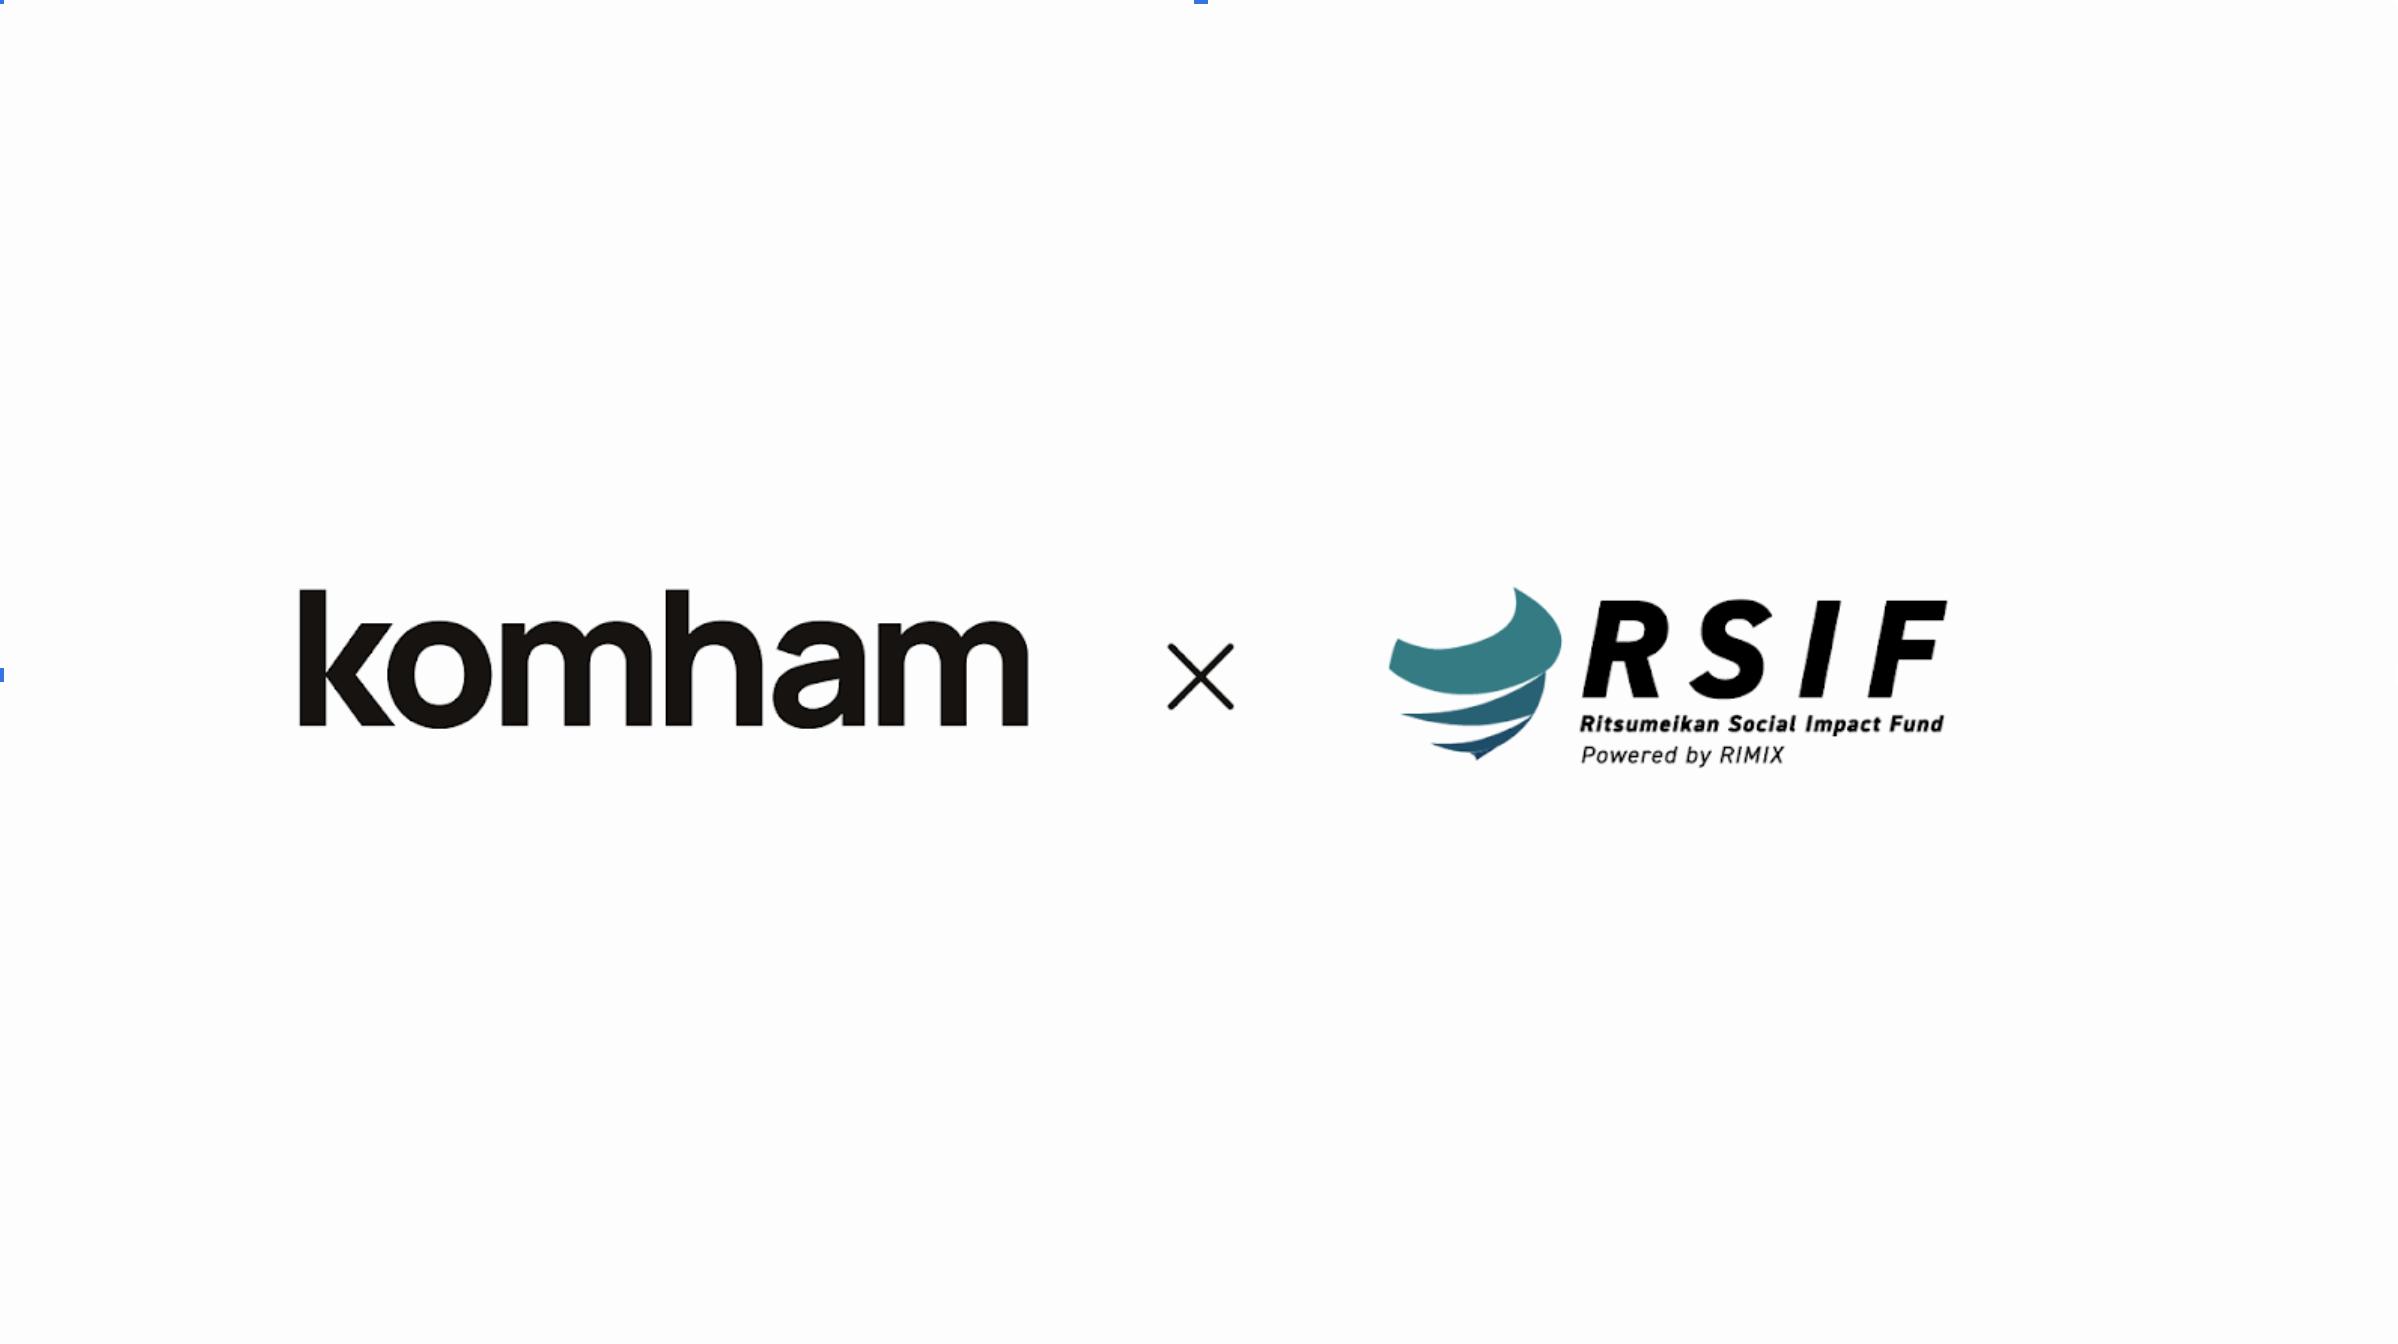 立命館ソーシャルインパクトファンド:株式会社komhamへの投資を実施しました